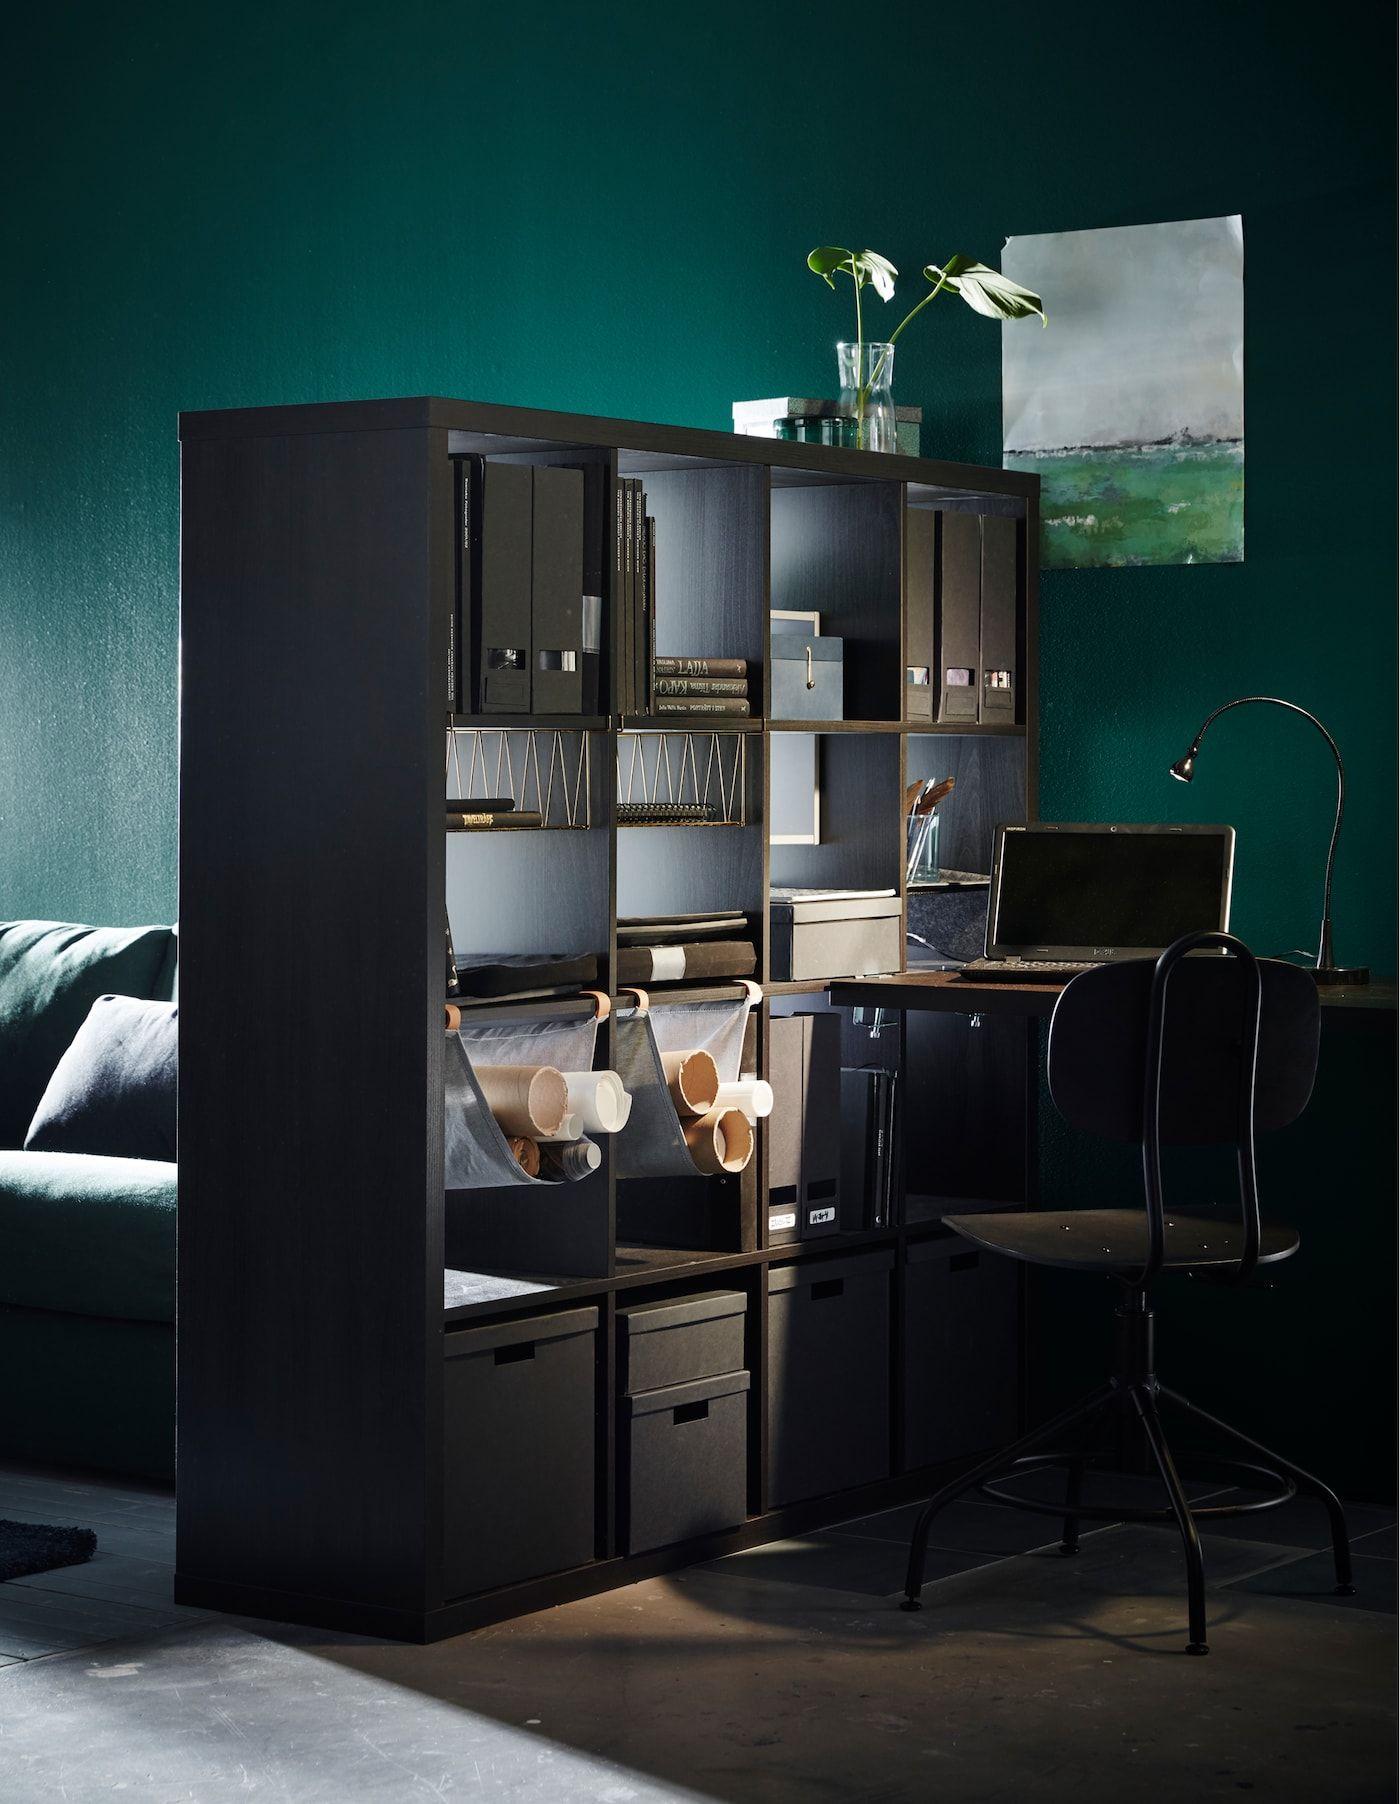 Full Size of Ikea Sofa Mit Schlaffunktion Betten 160x200 Miniküche Raumteiler Regal Küche Kaufen Kosten Bei Modulküche Wohnzimmer Raumteiler Ikea